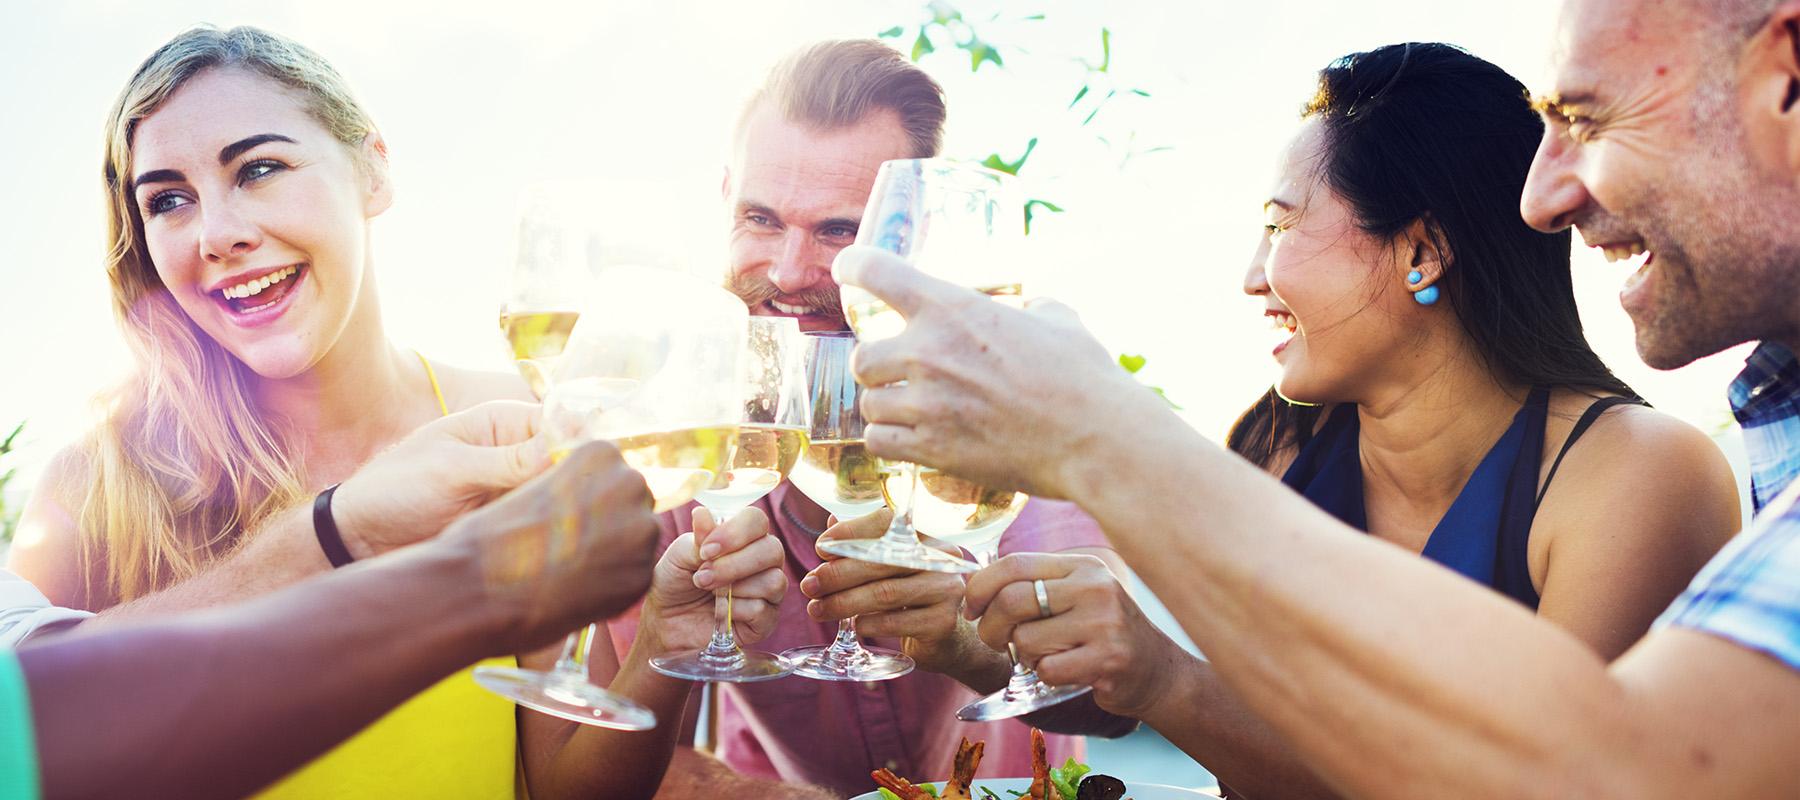 Wijn van de maand juli bij de Wijnproevers